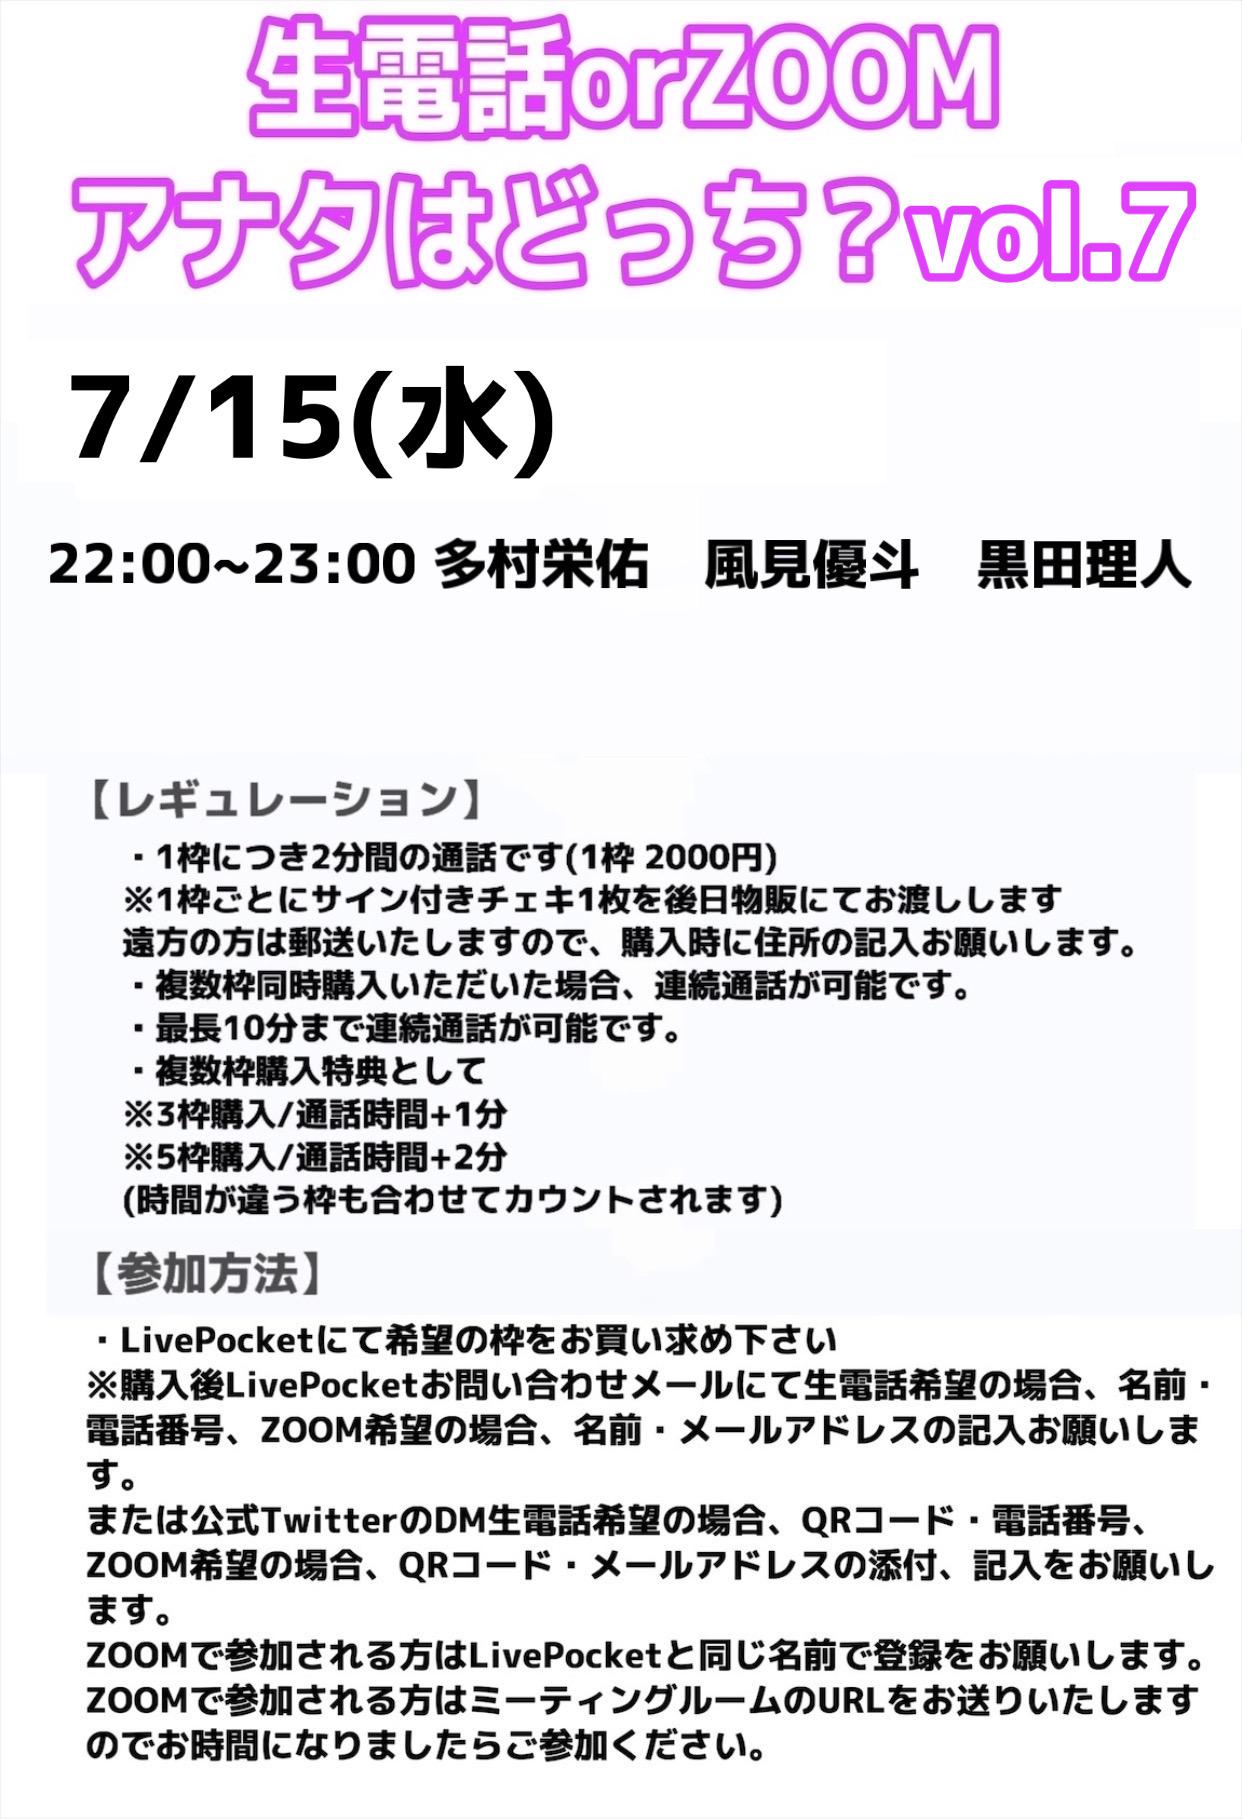 CUUES生電話orZOOMアナタはどっち?vol.7